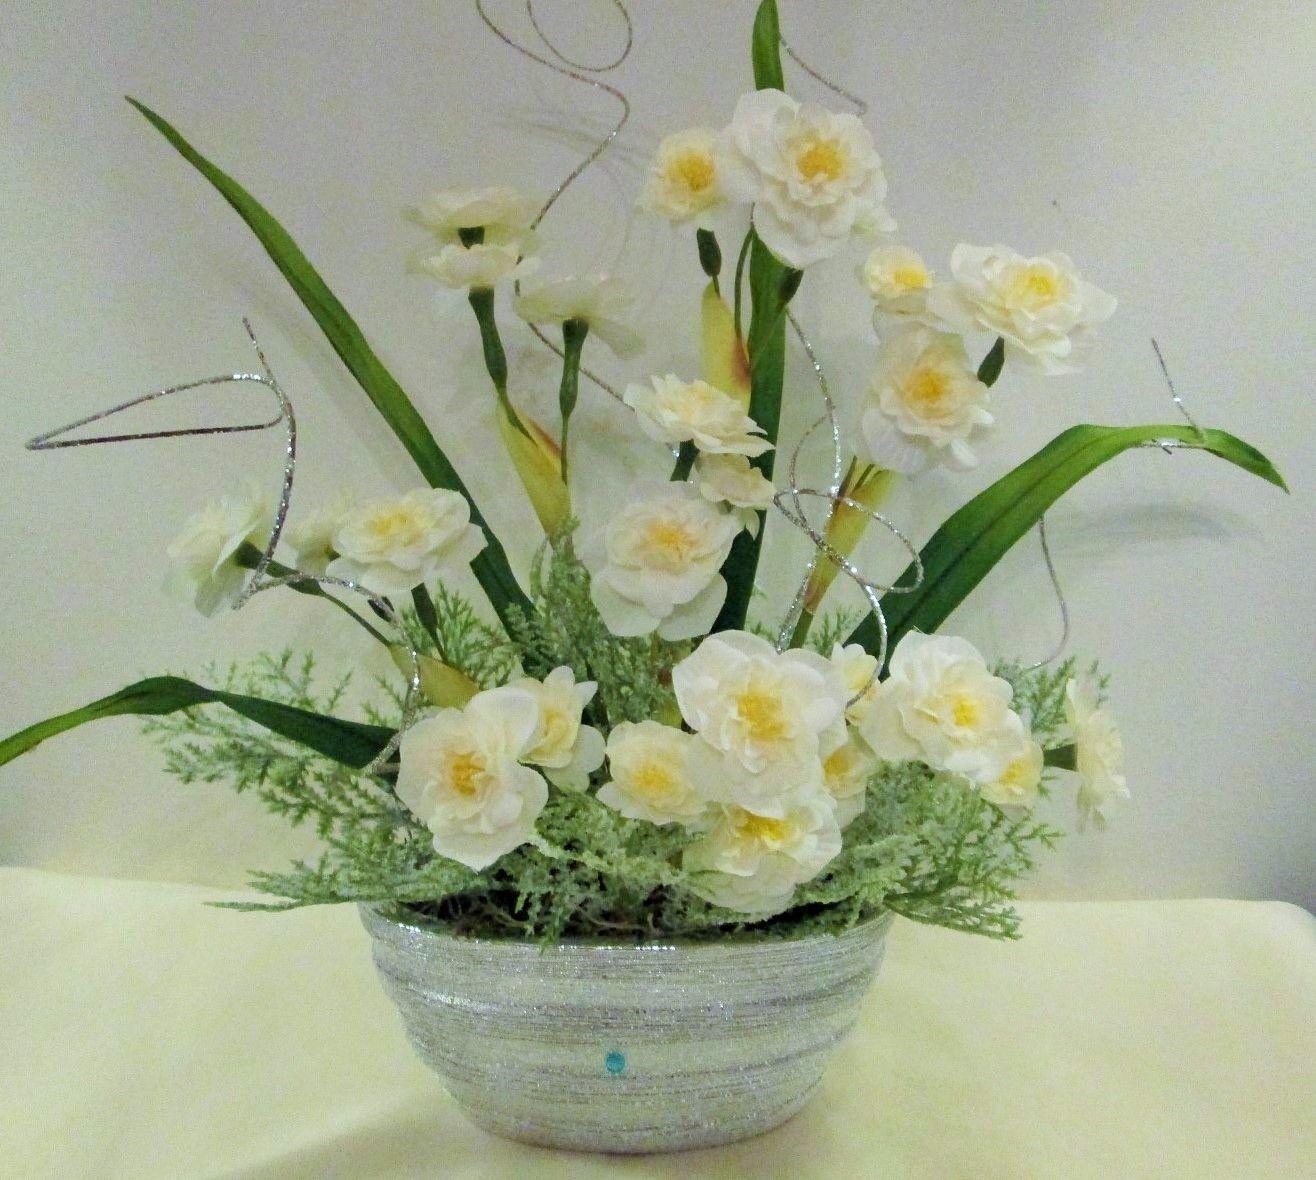 Silkmama Narcissus Floral Arrangement in Ceramic Planter